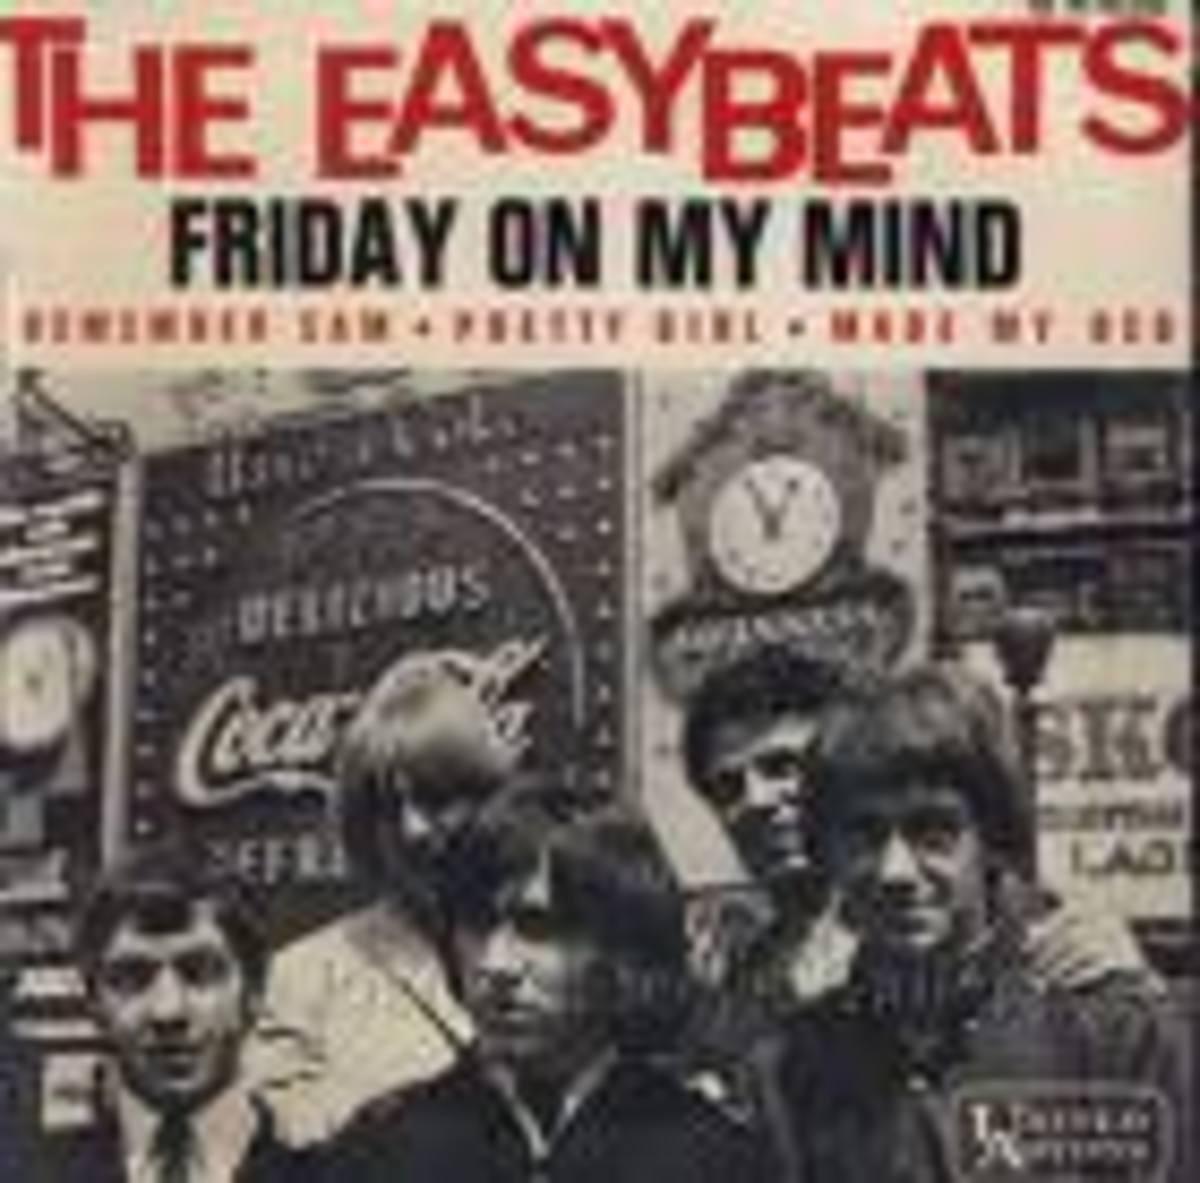 rock-songs-list-of-one-hit-wonders